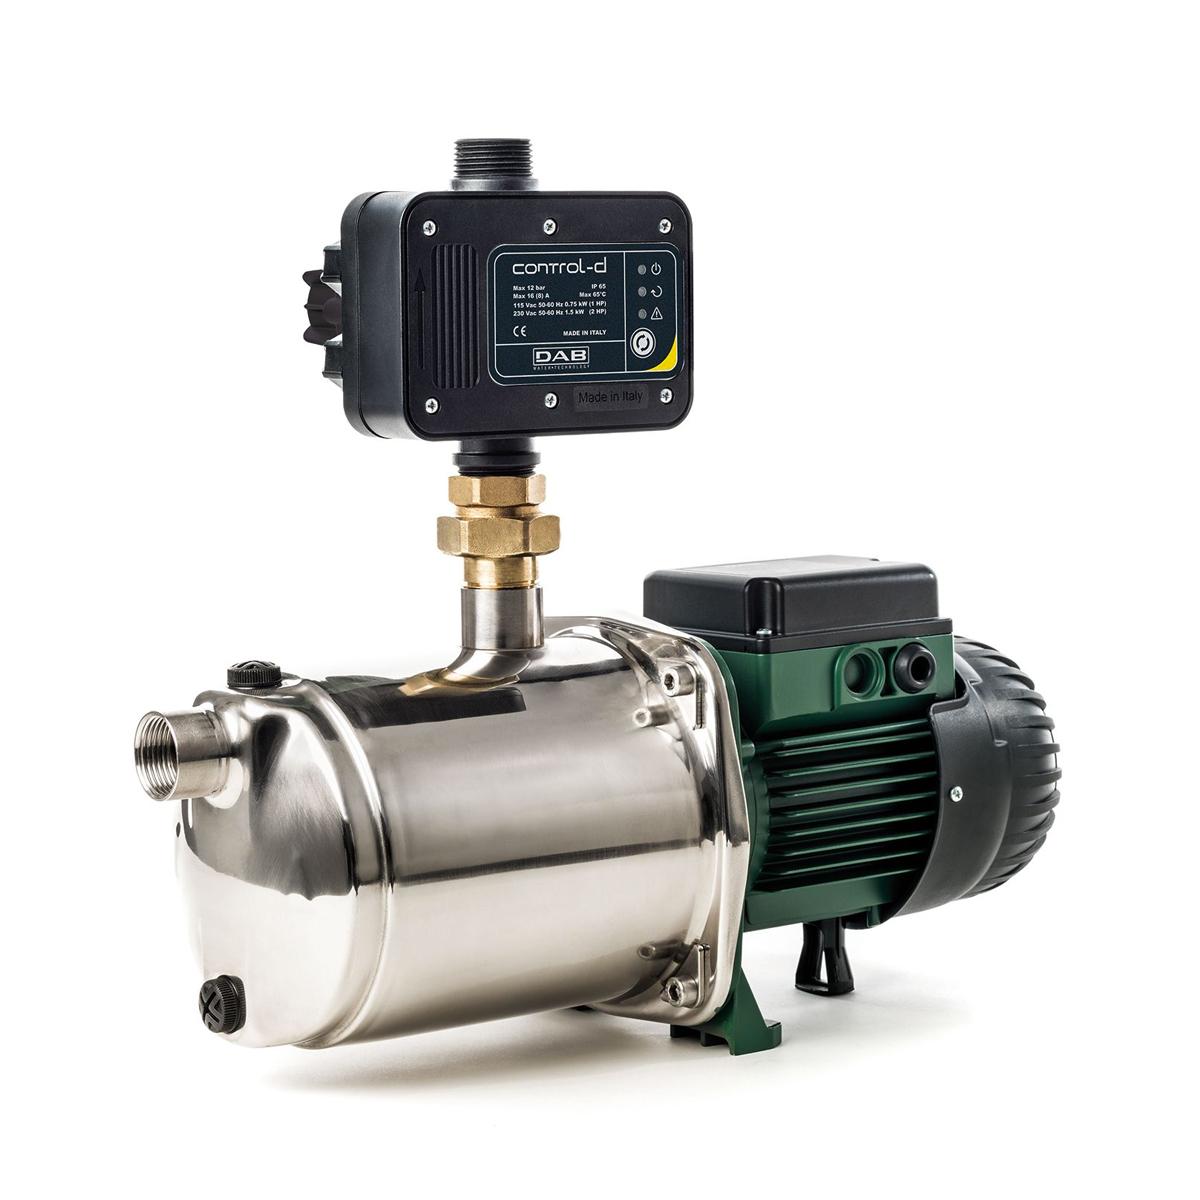 DAB EuroInox 30/30 M + DAB Control-D